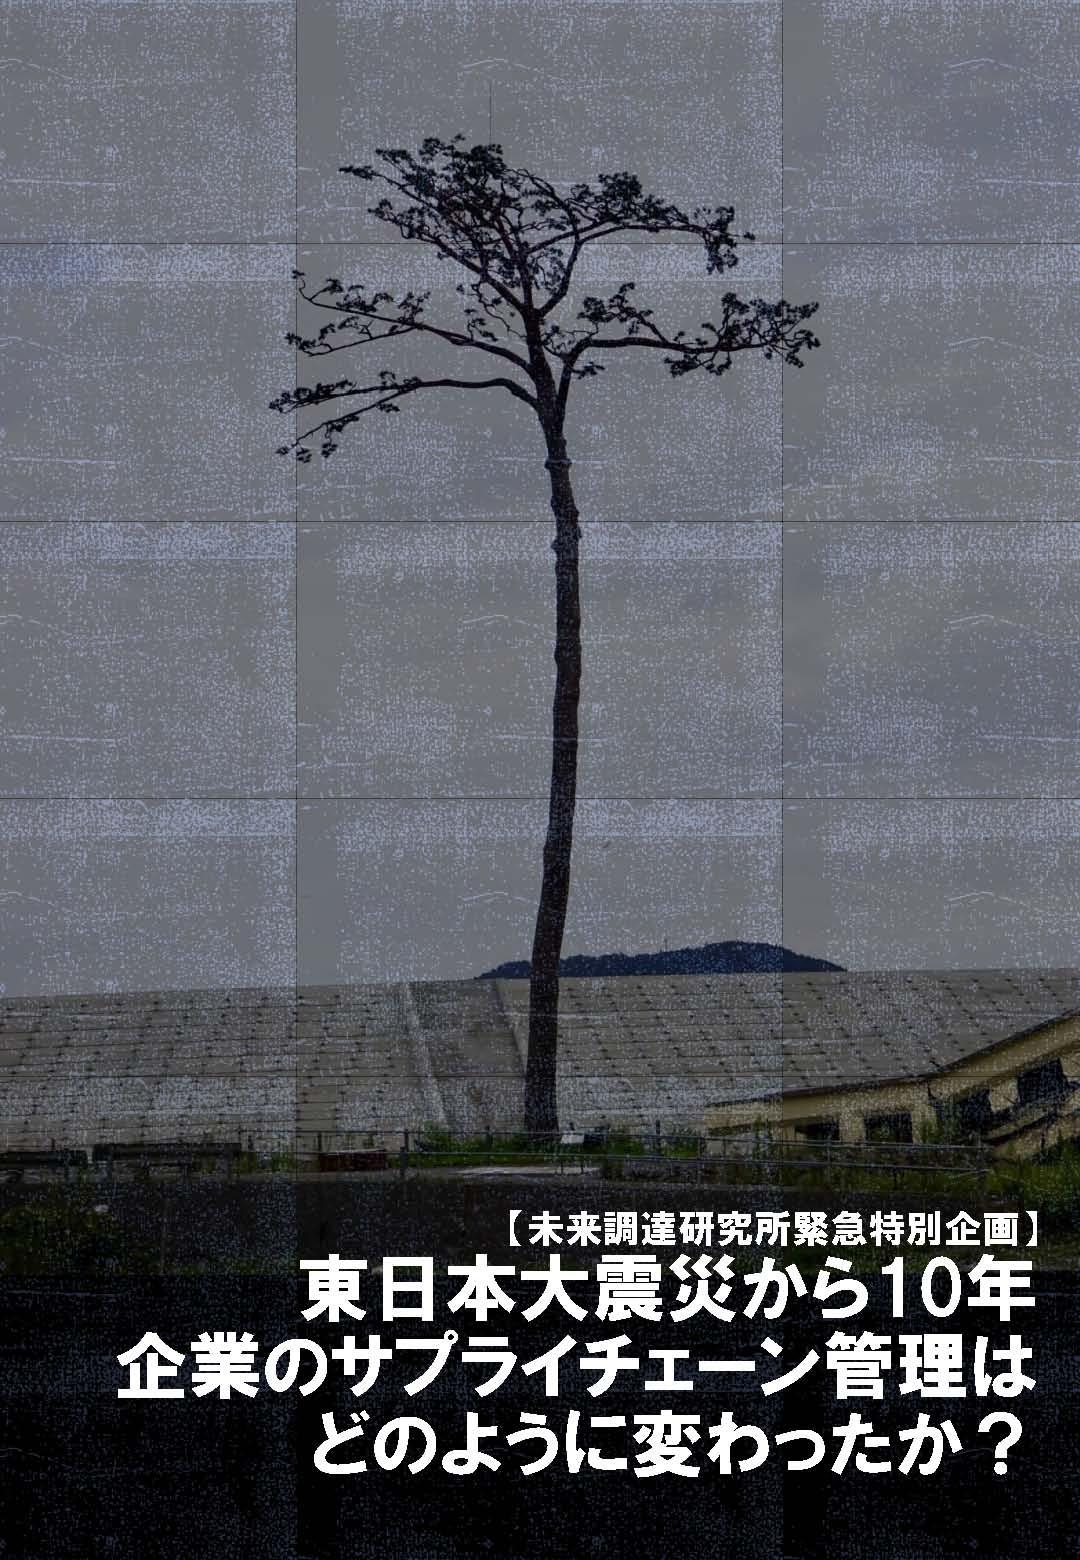 東日本大震災から10年 企業のサプライチェーン管理はどのように変わったか?